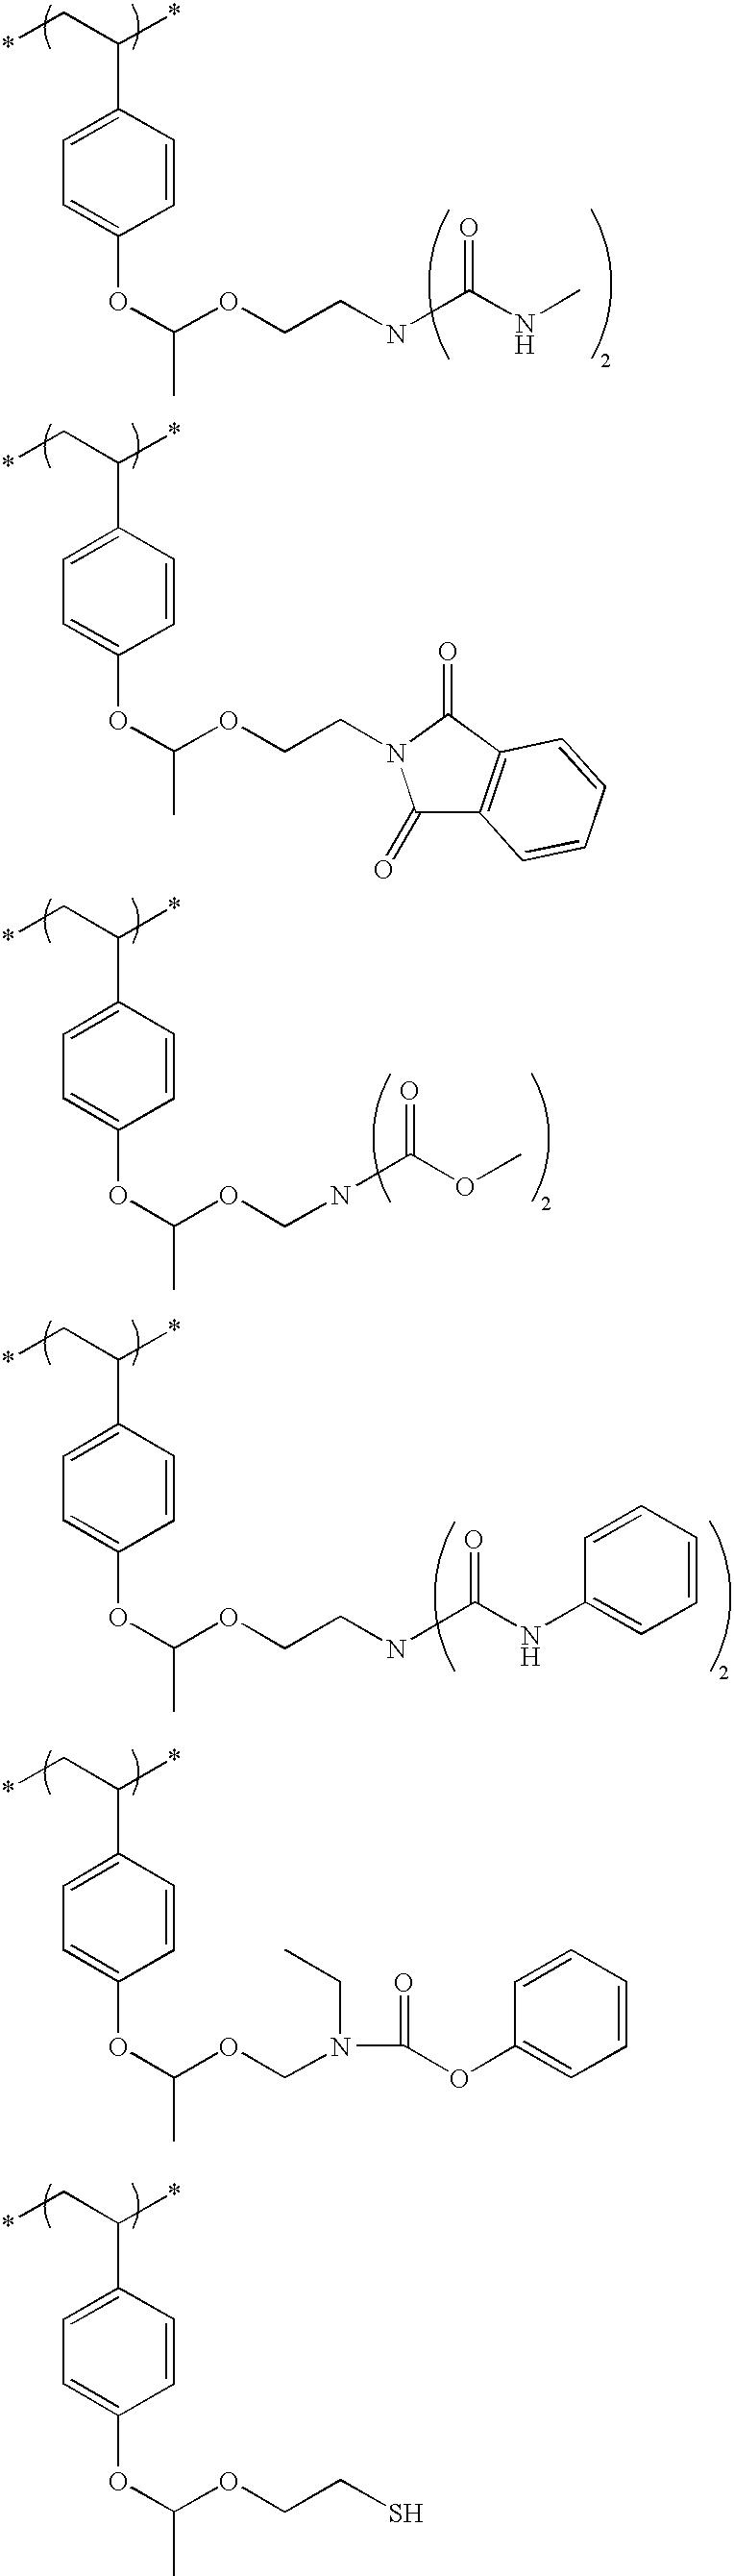 Figure US08852845-20141007-C00093